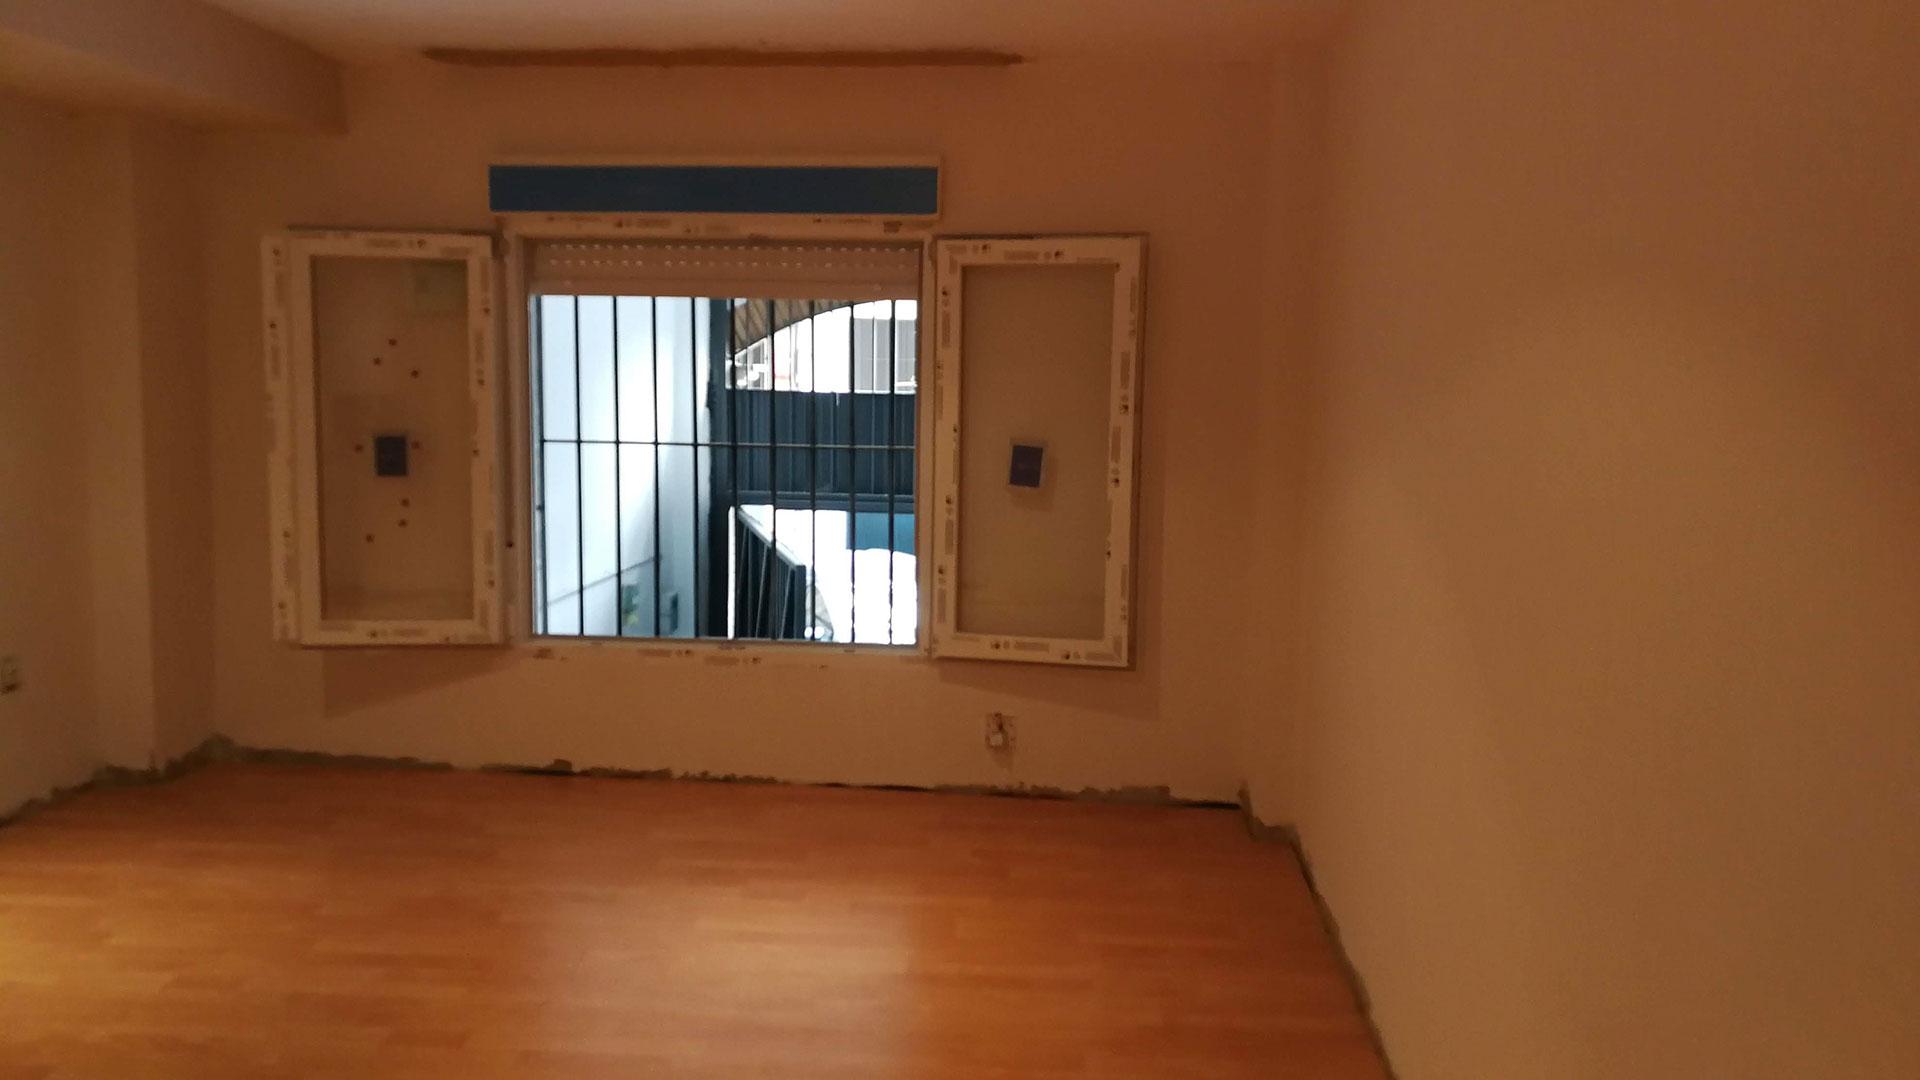 Interiores-04